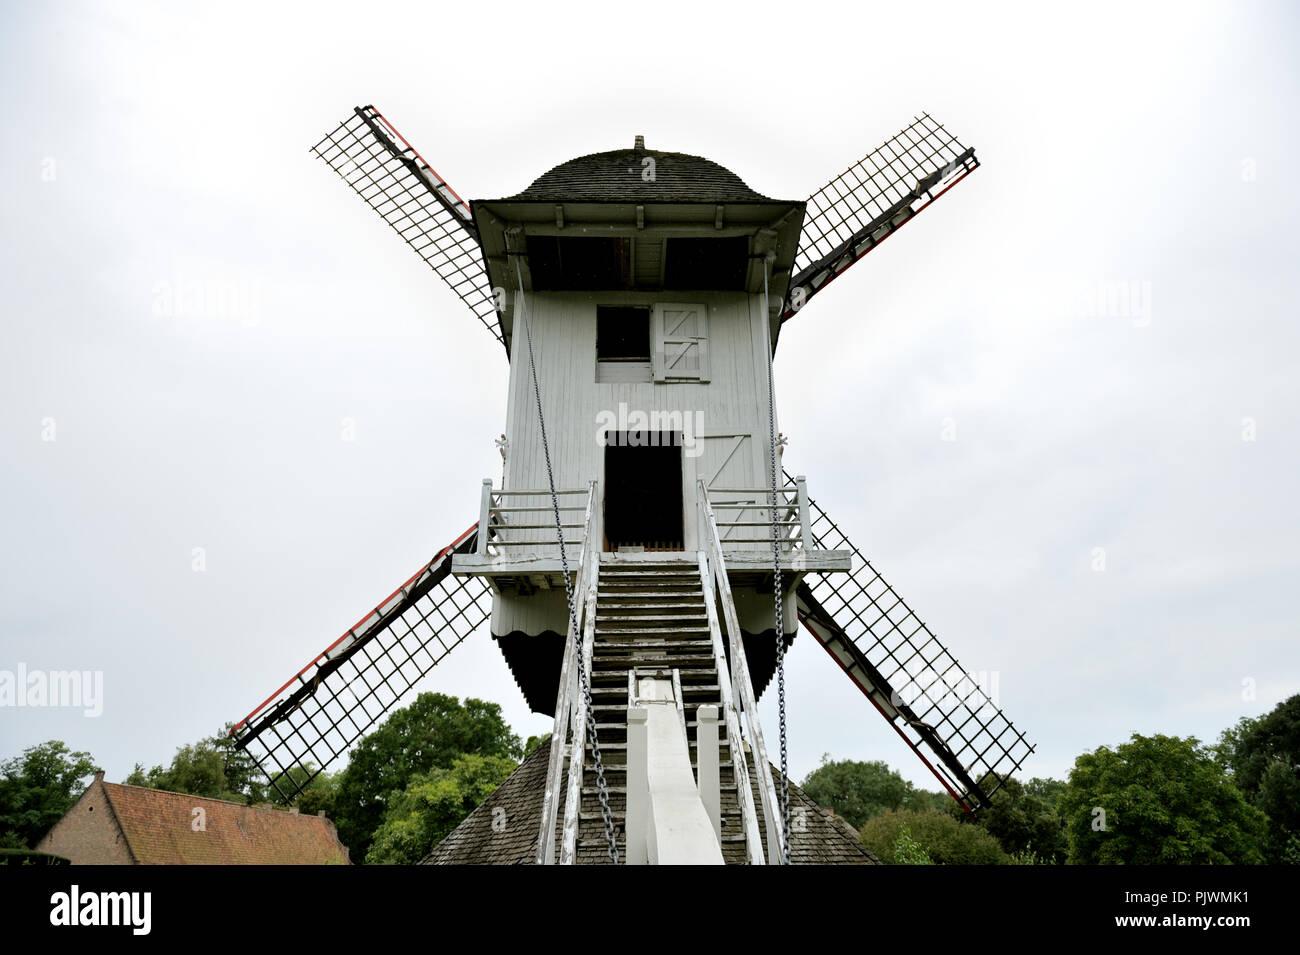 The Bokrijk open air museum in Genk (Belgium, 24/08/2008) Stock Photo